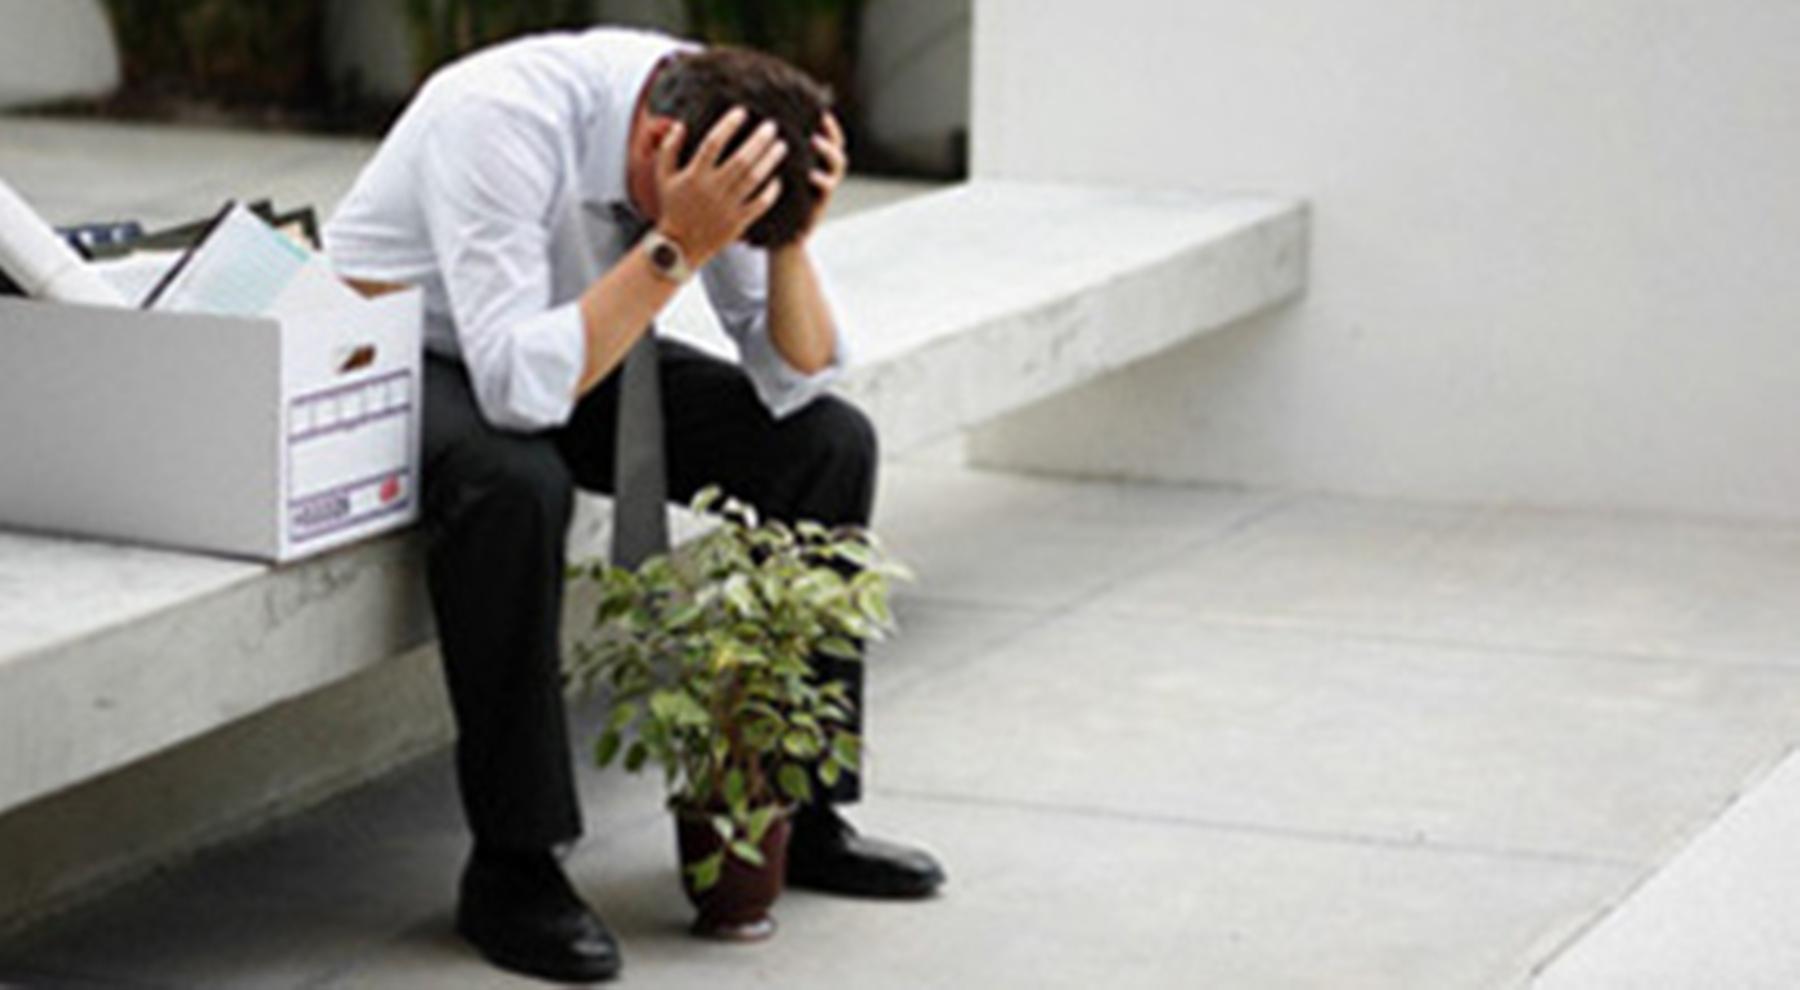 Dünyada işsizlərin sayı 200 milyona çatıb